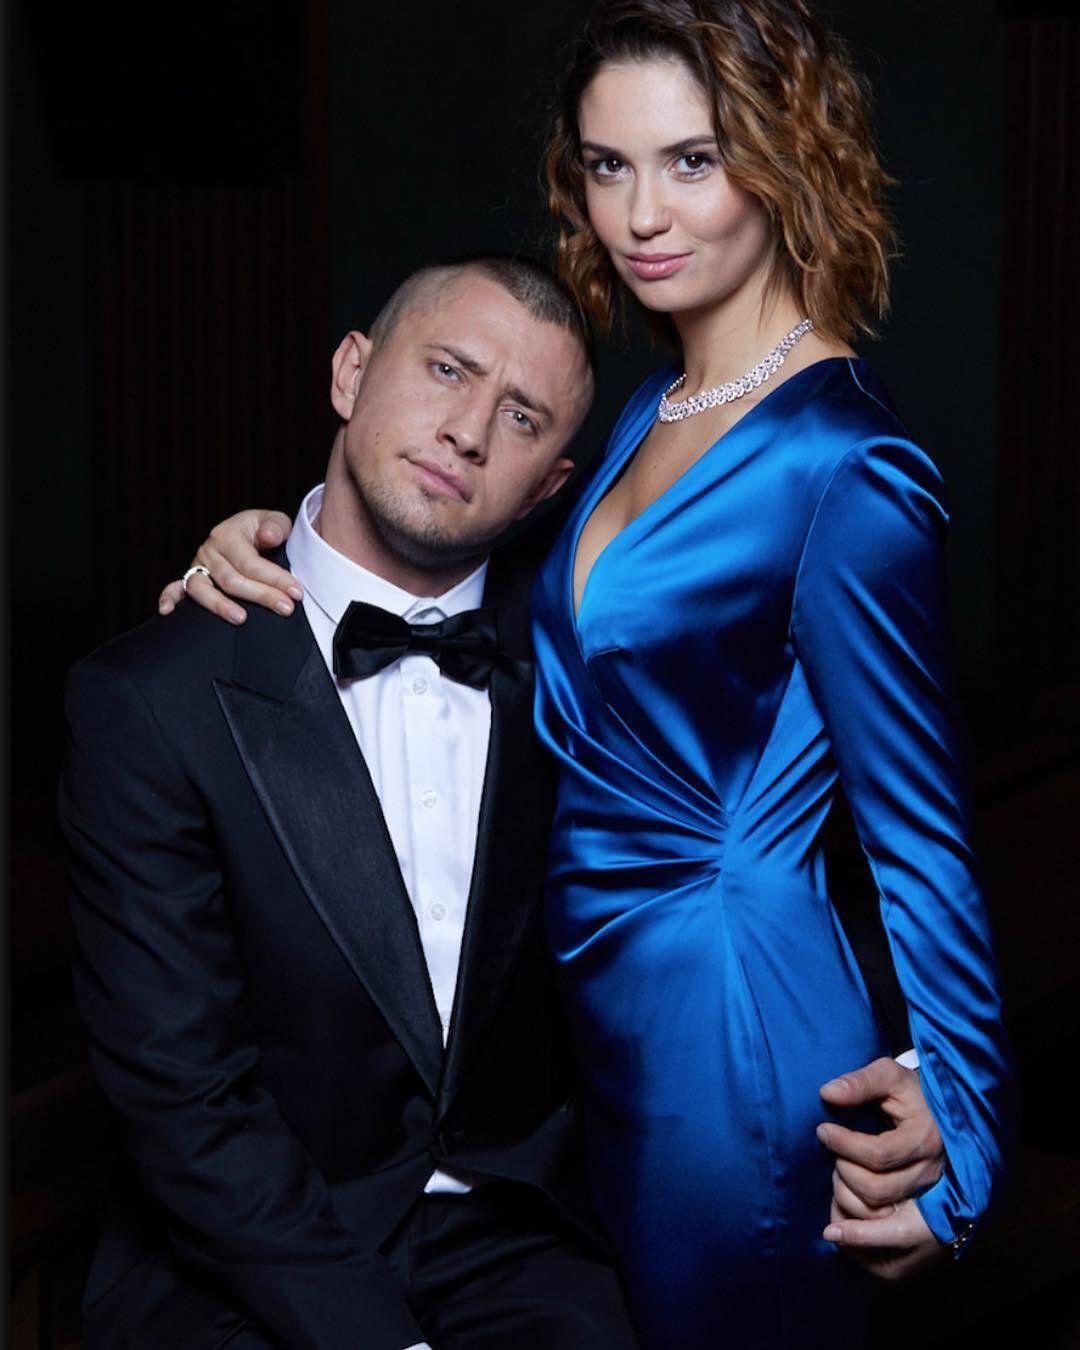 Павел Прилучный и Агата Муцениеце разводятся